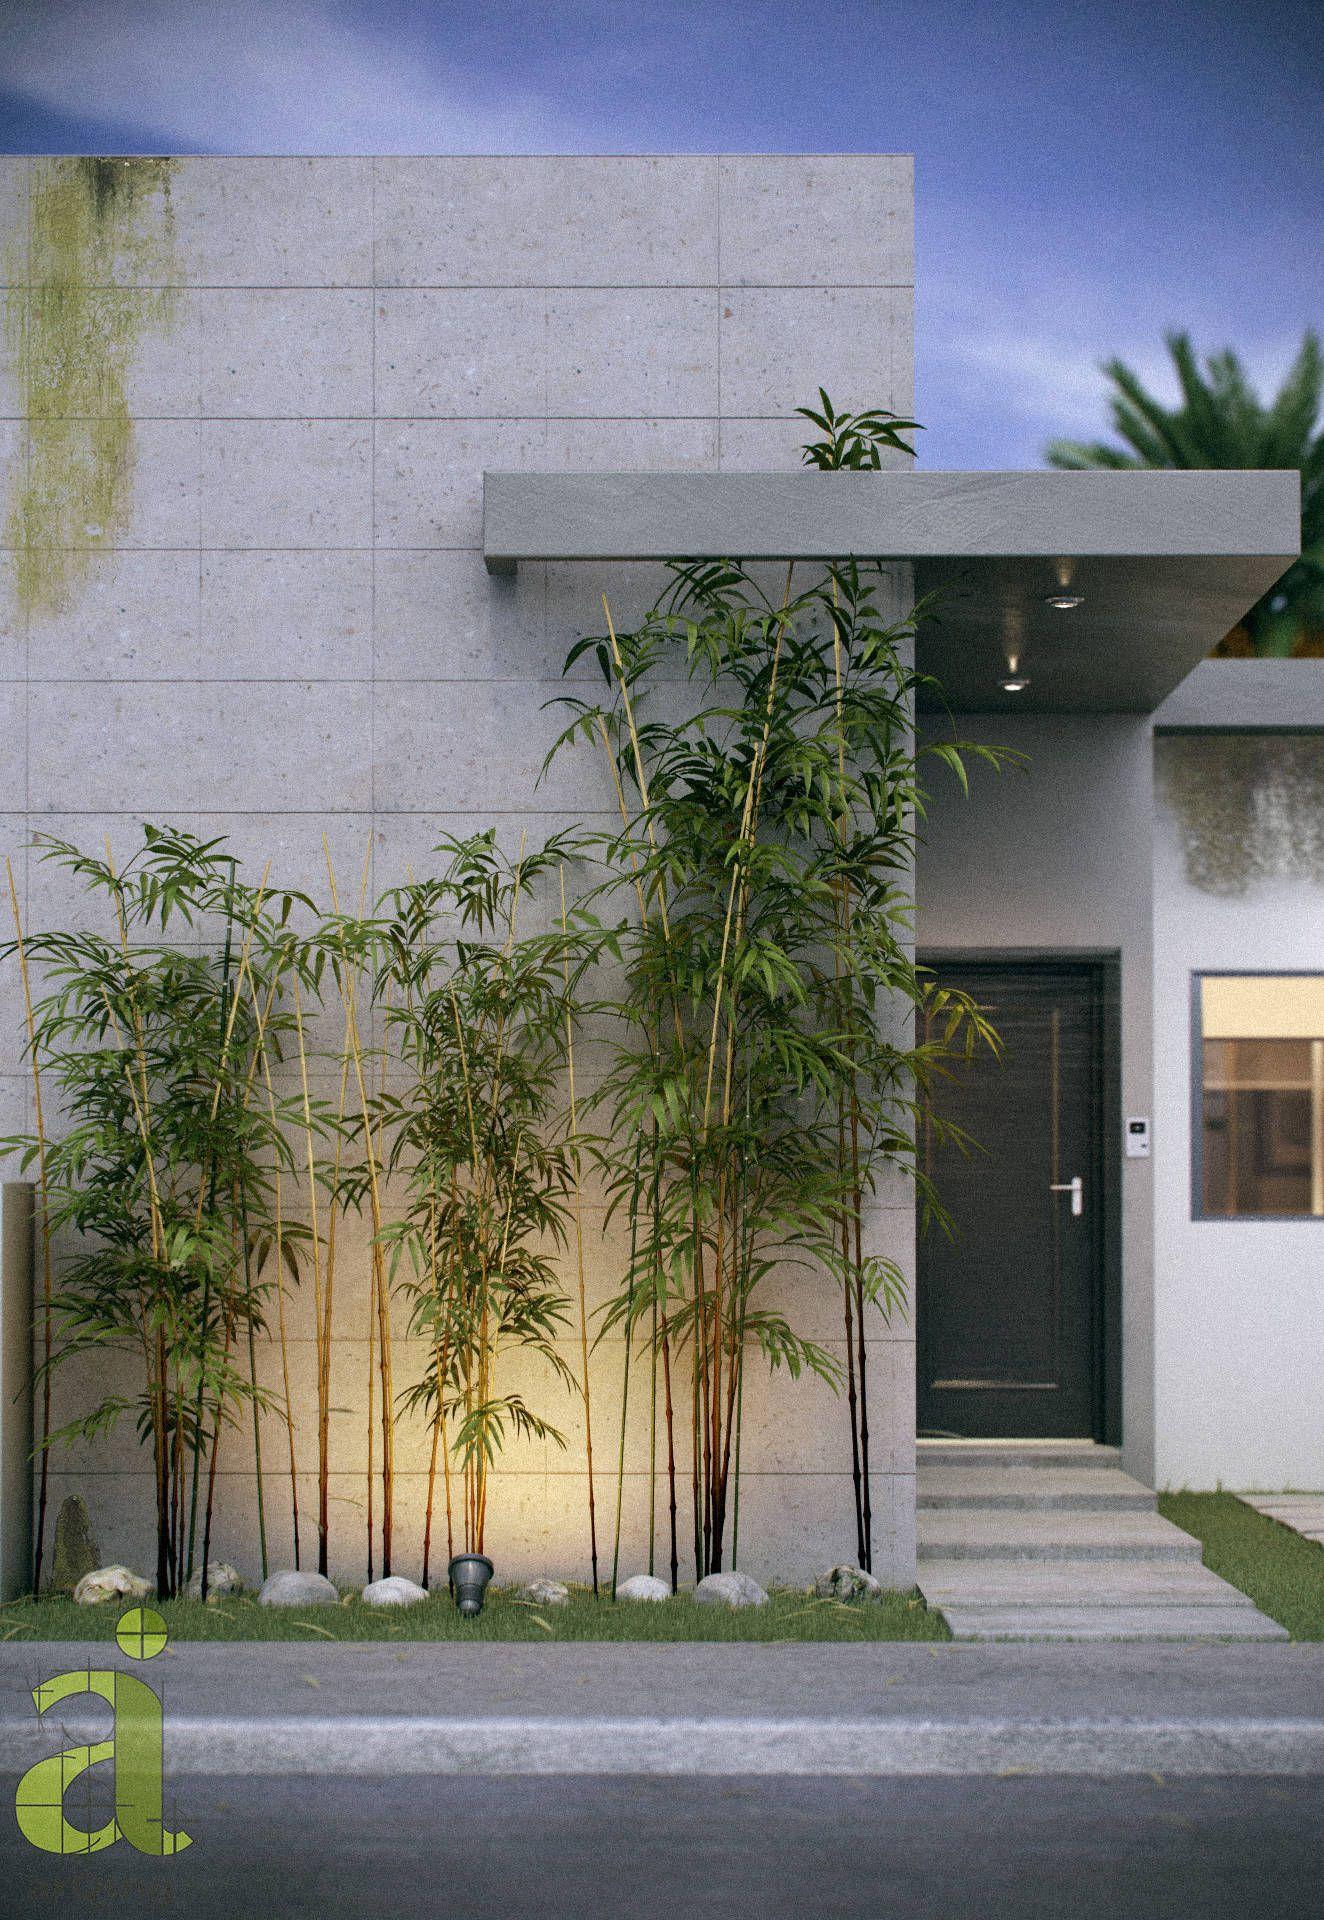 Casa residencial en medell n de bravo veracruz mex for Casa moderna jardines